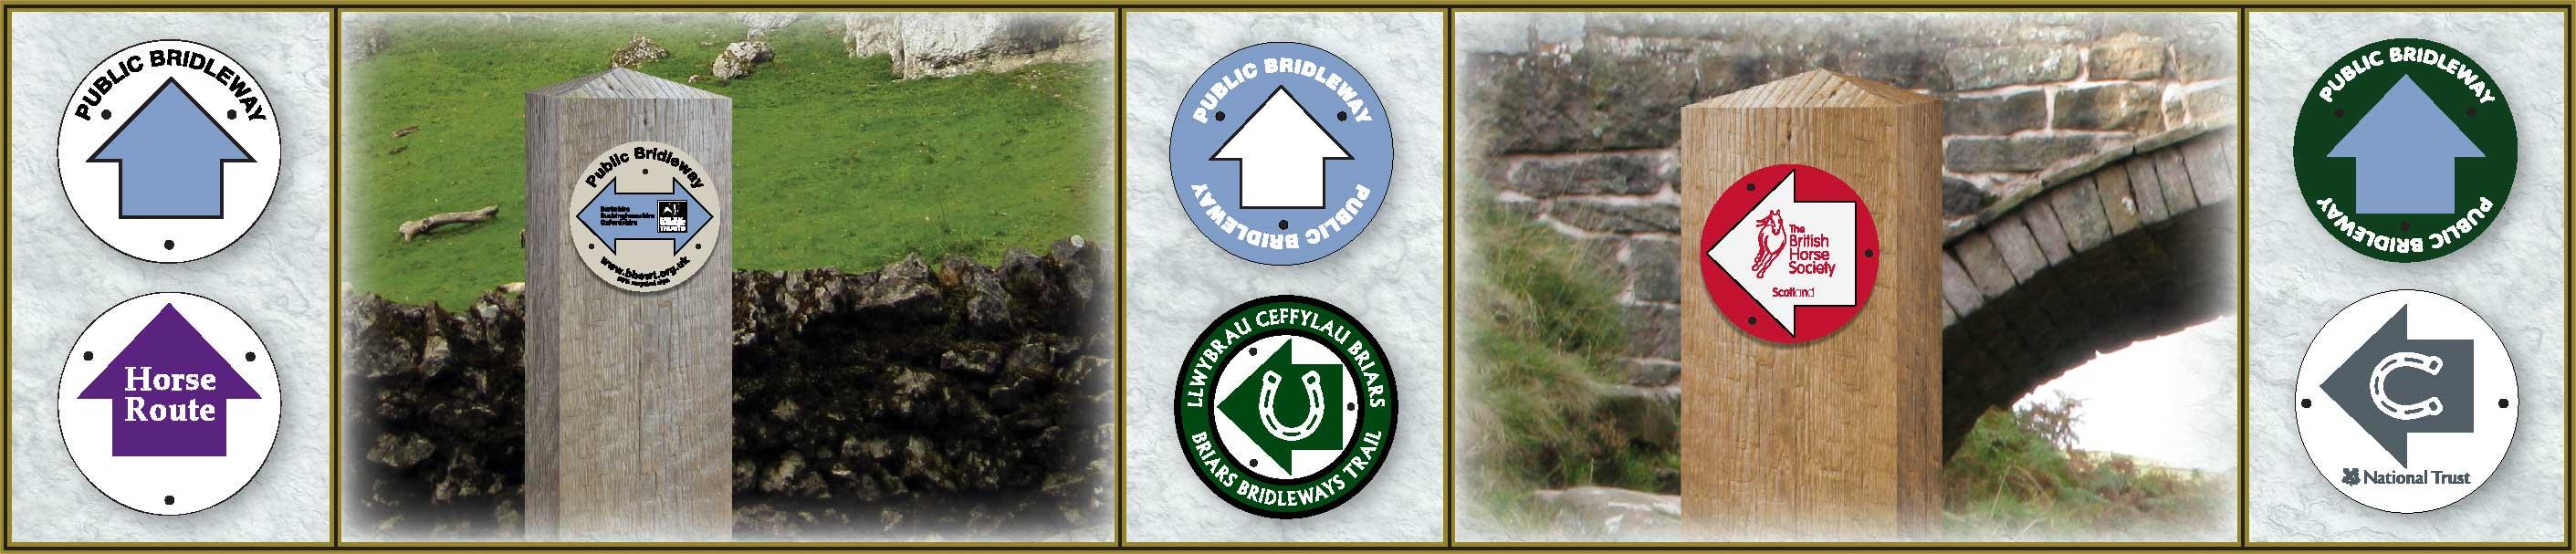 bridleway signs